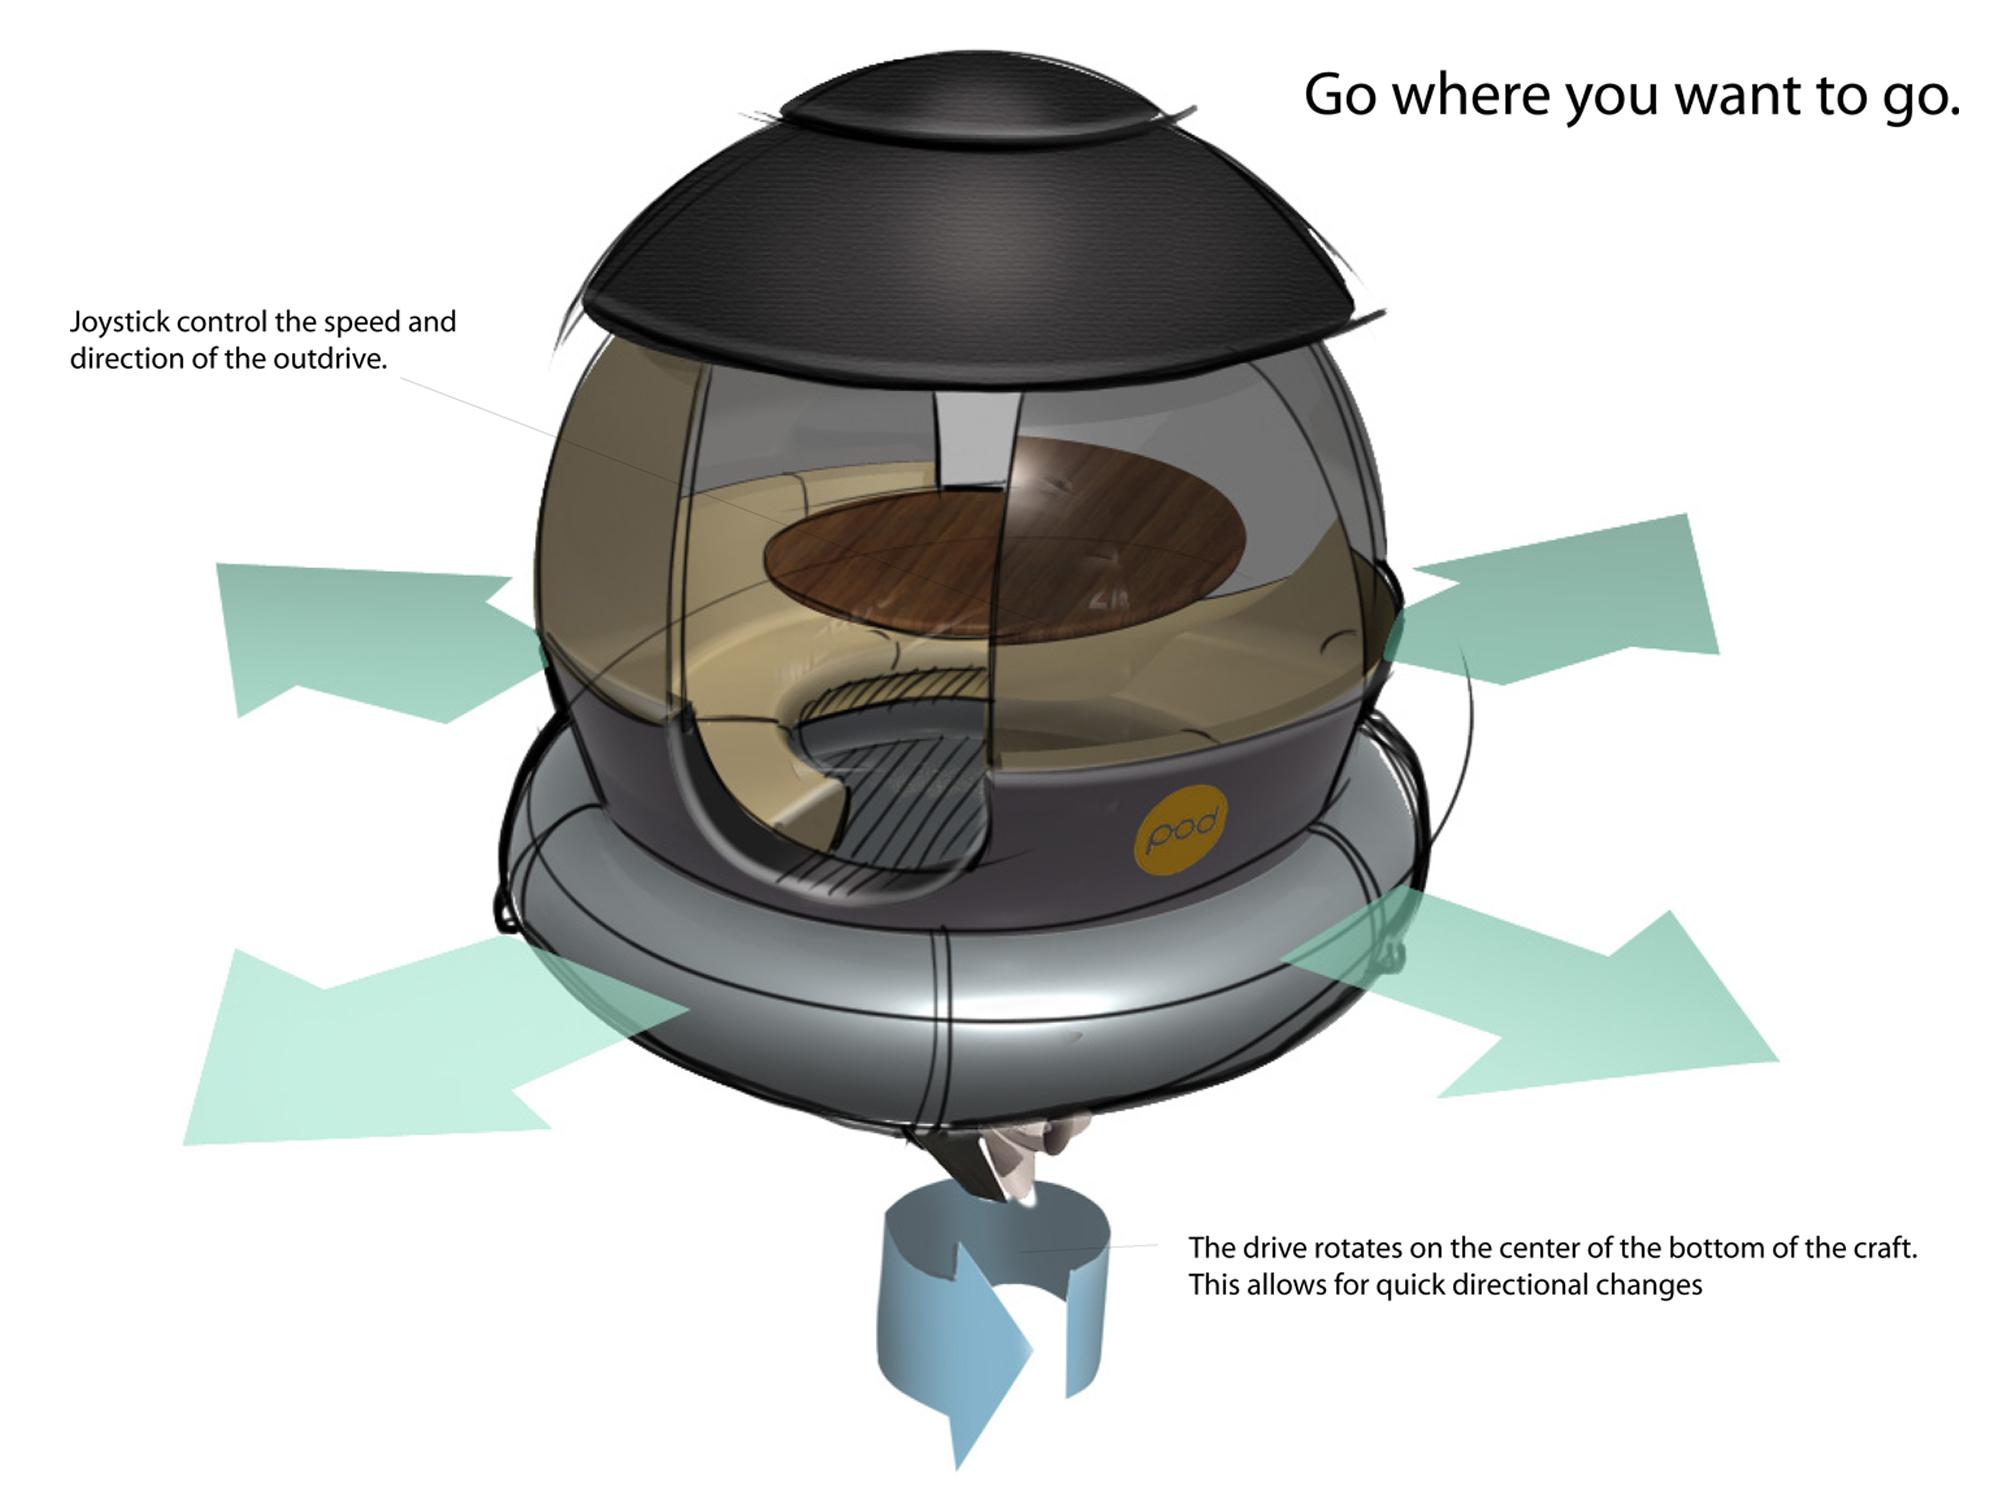 CRESTLINER PONTOONS     POD Floating Deck